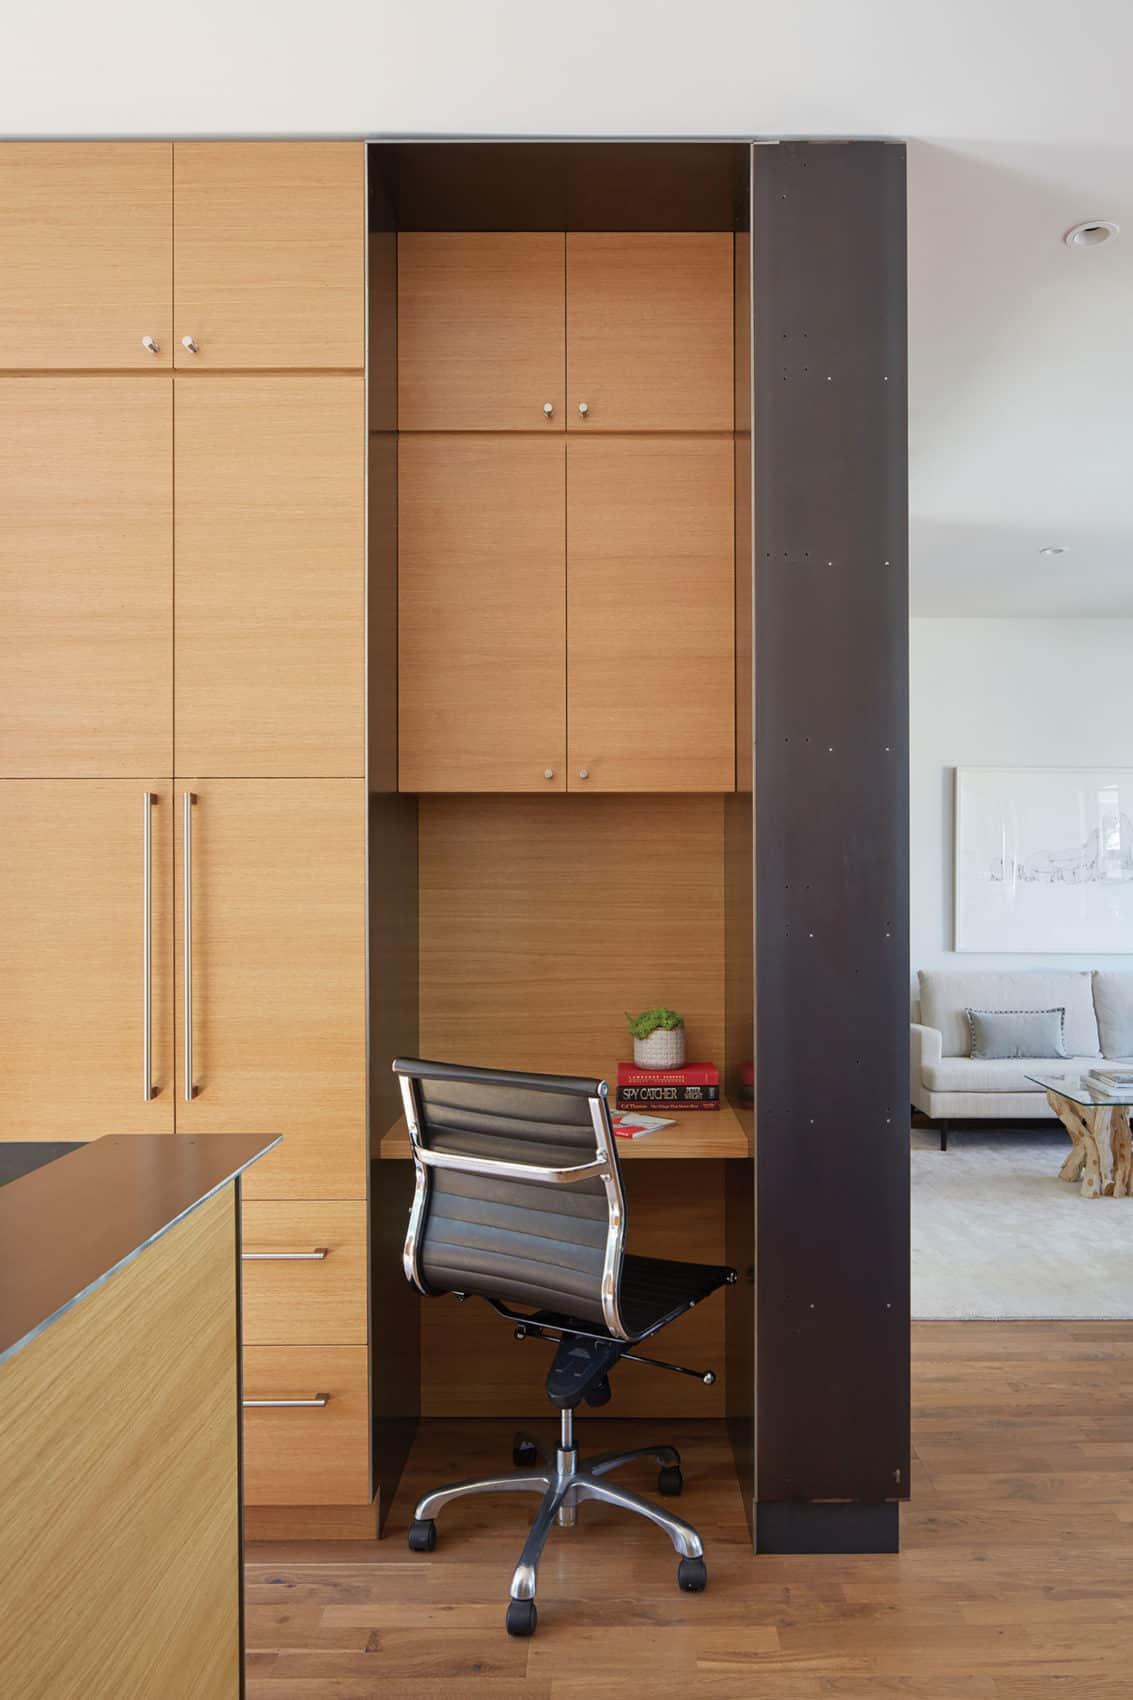 Steelhouse 1 + 2 by Zack | de Vito Architecture (10)